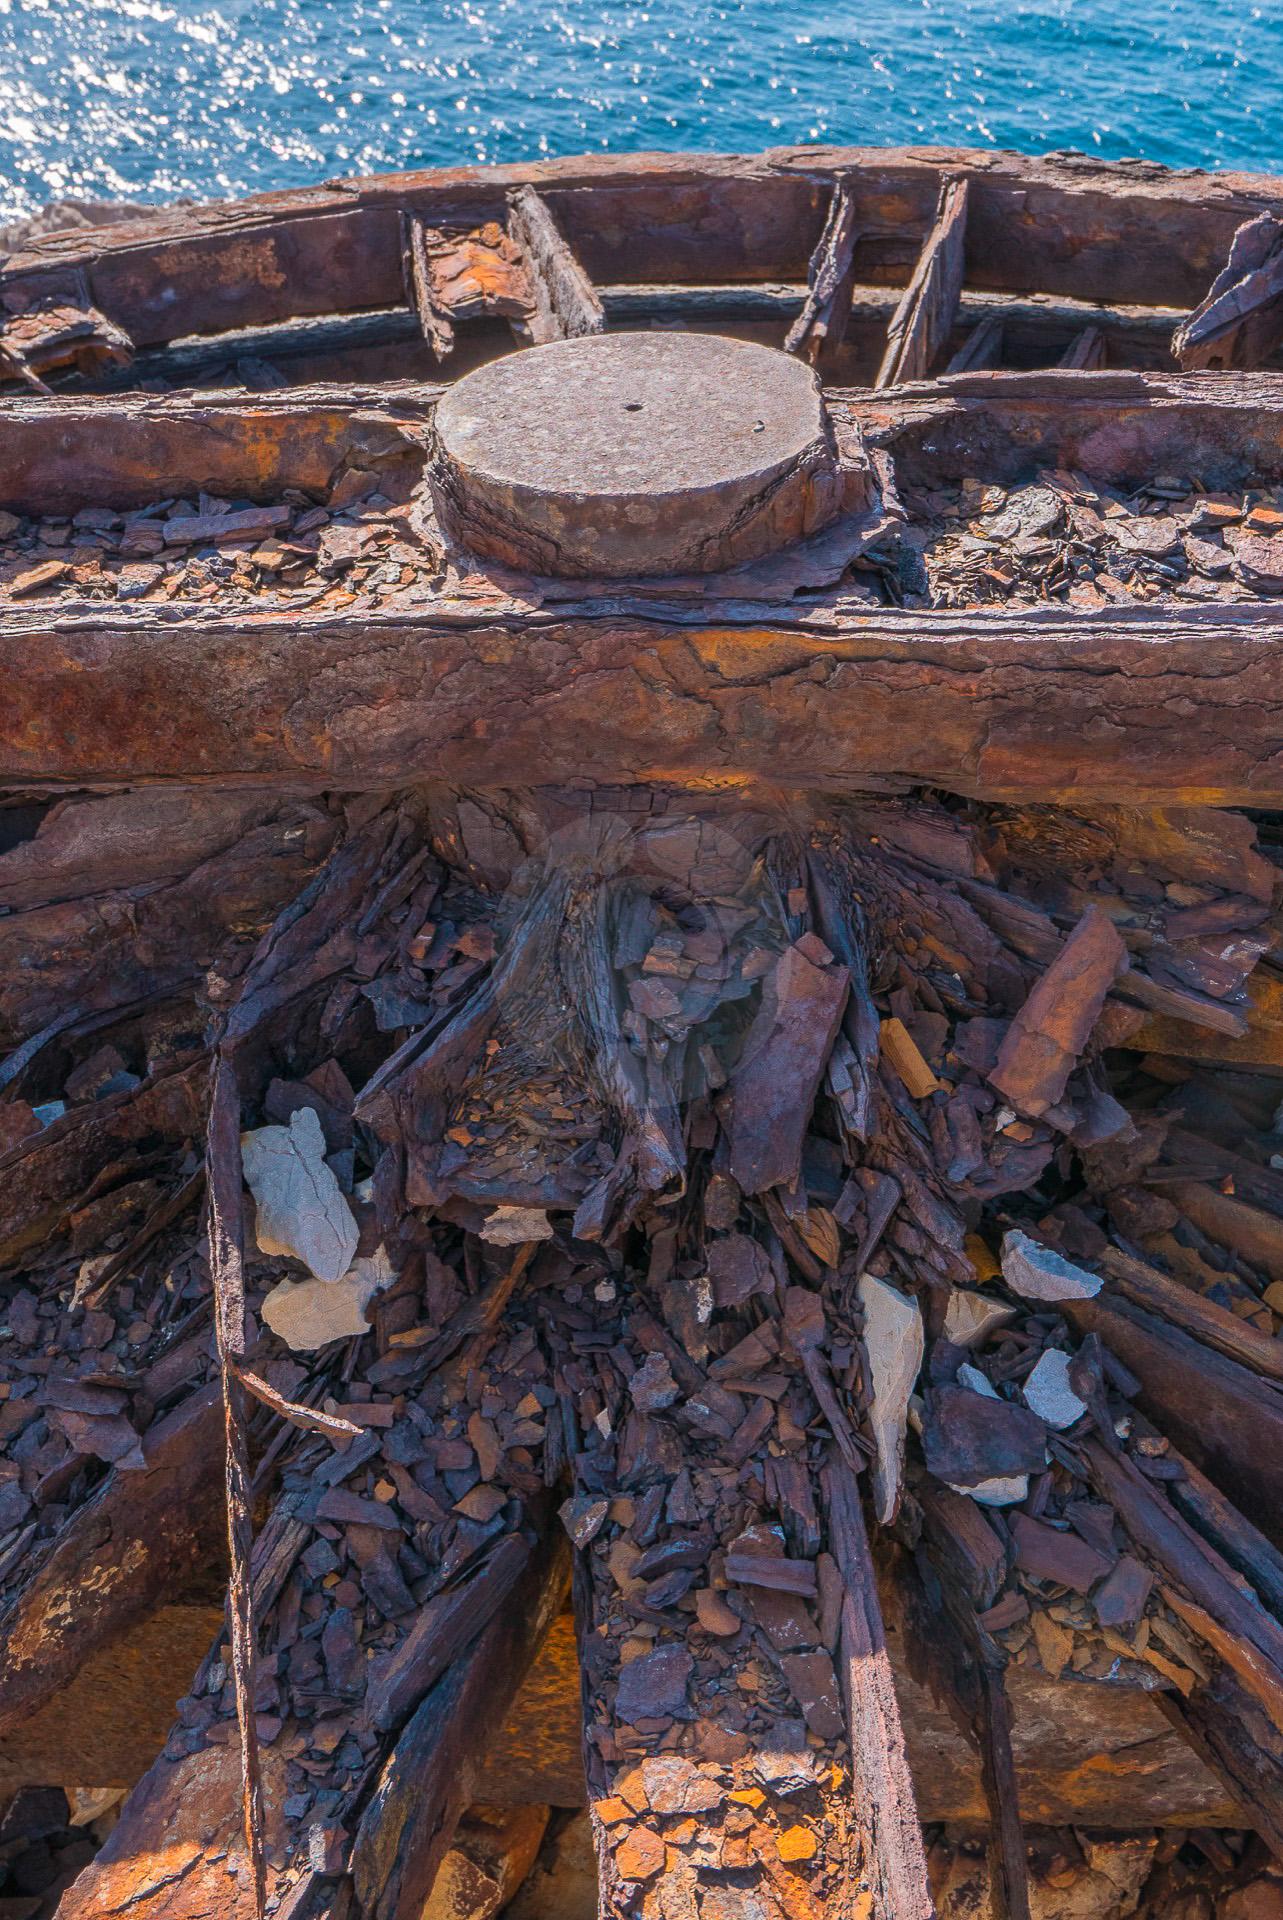 Les restes de l'ancien téléscaphe des Goudes installé en 1967